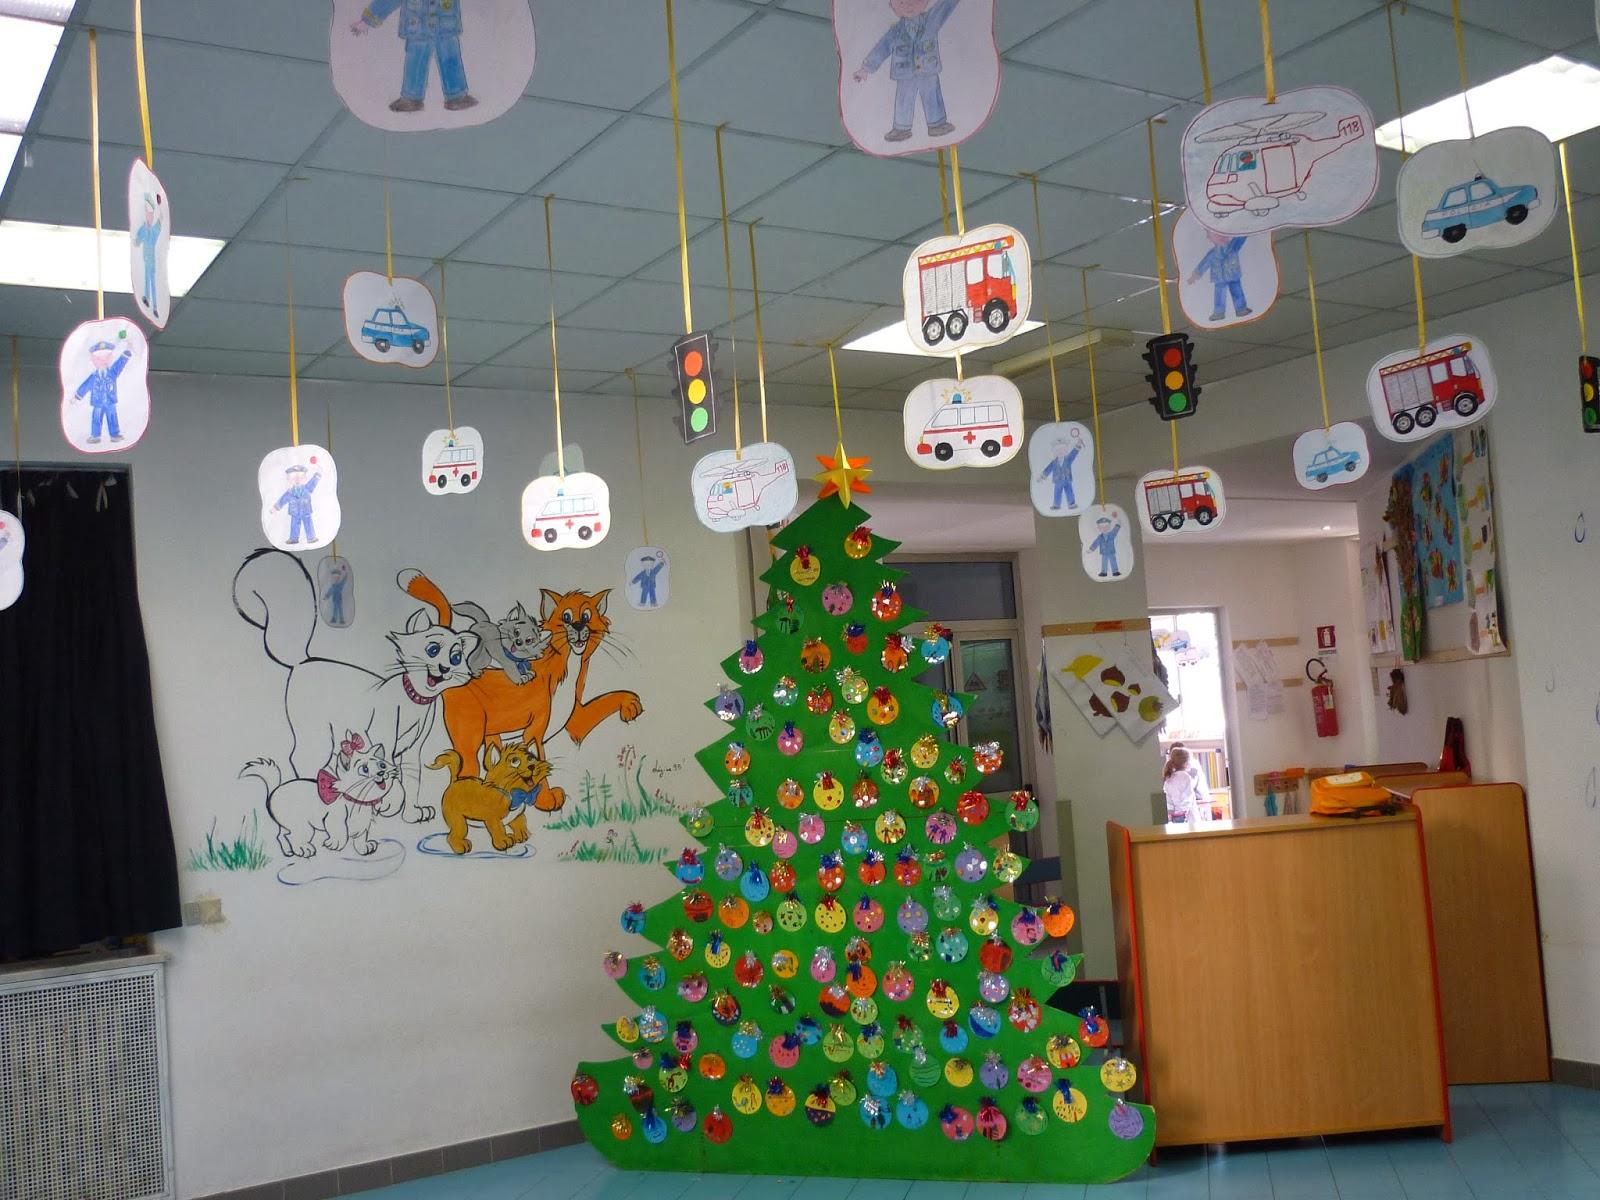 Addobbi natalizi per finestre scuola dell infanzia for Addobbi di natale per bambini scuola infanzia